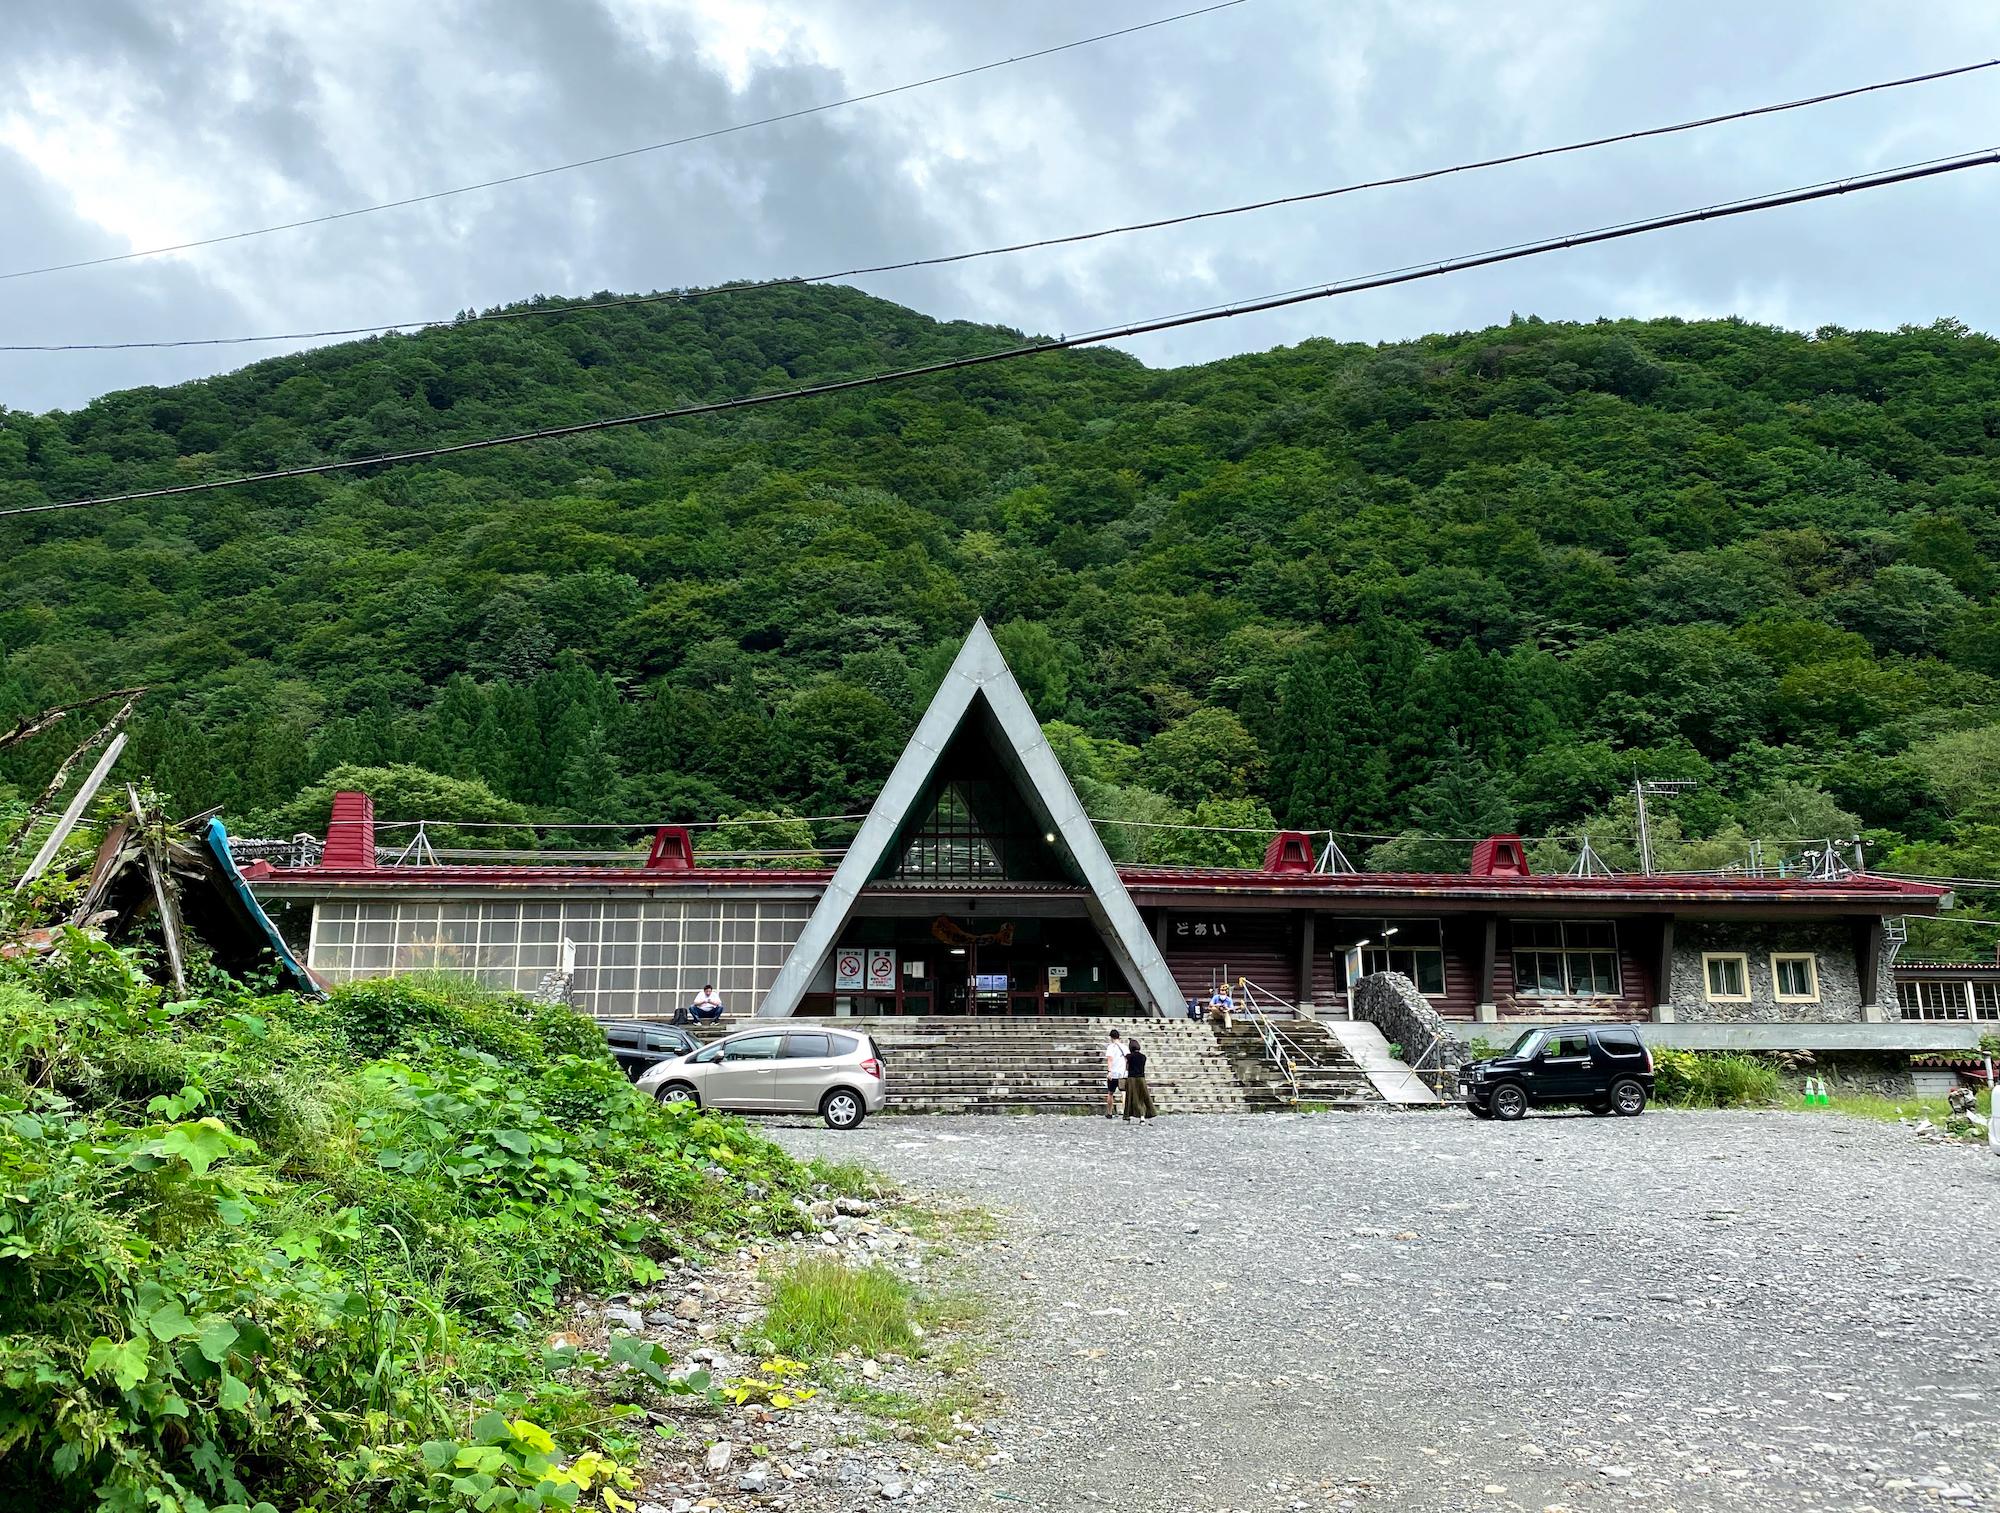 群馬県土合駅(2020年9月6日/撮影:SHUN)